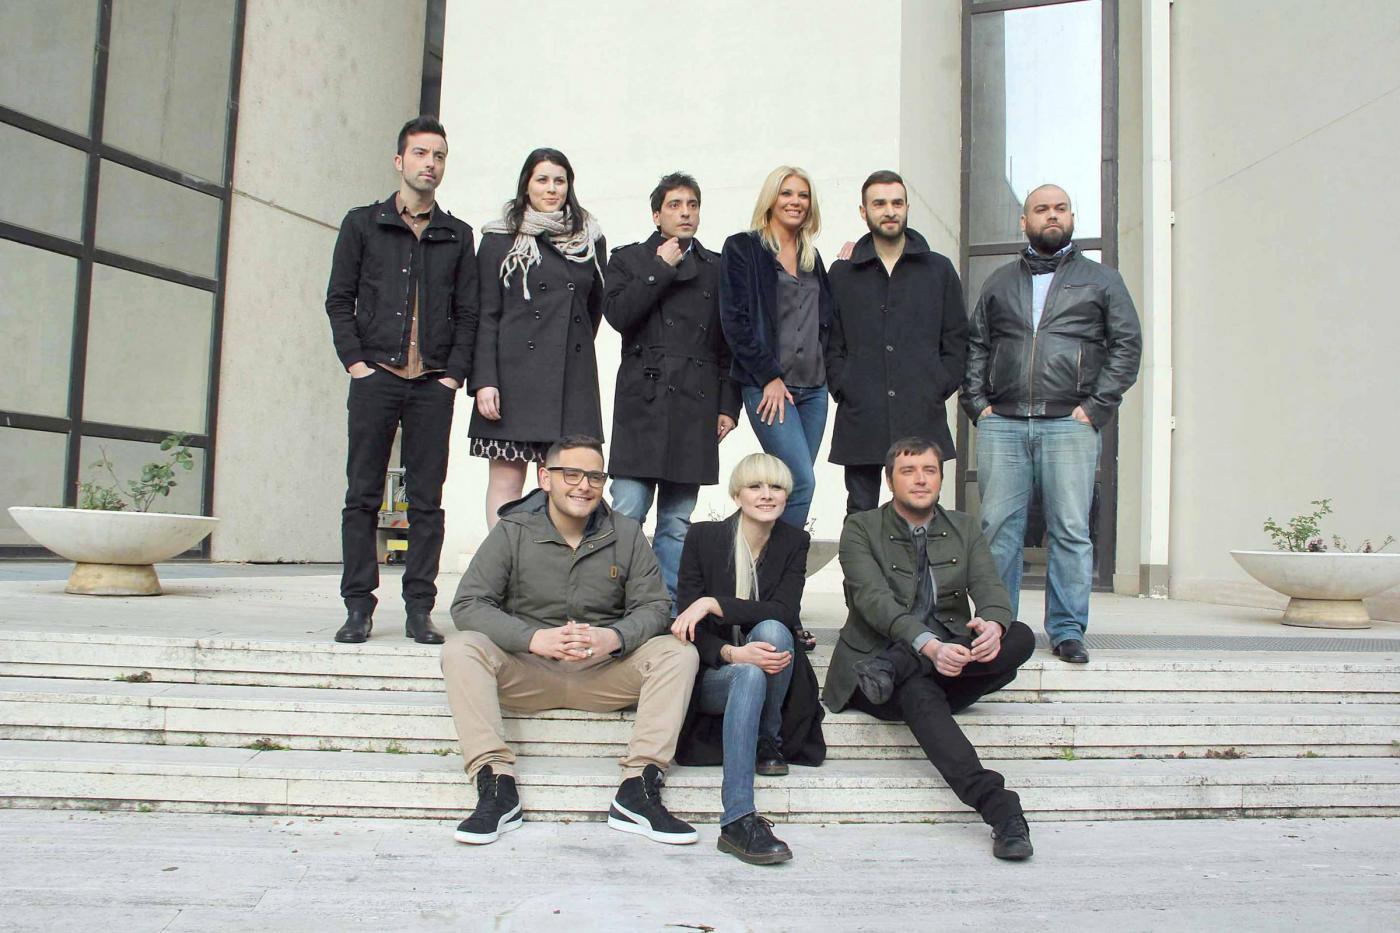 Presentazione alla stampa dei giovani che parteciperanno al prossimo festrival di Sanremo.